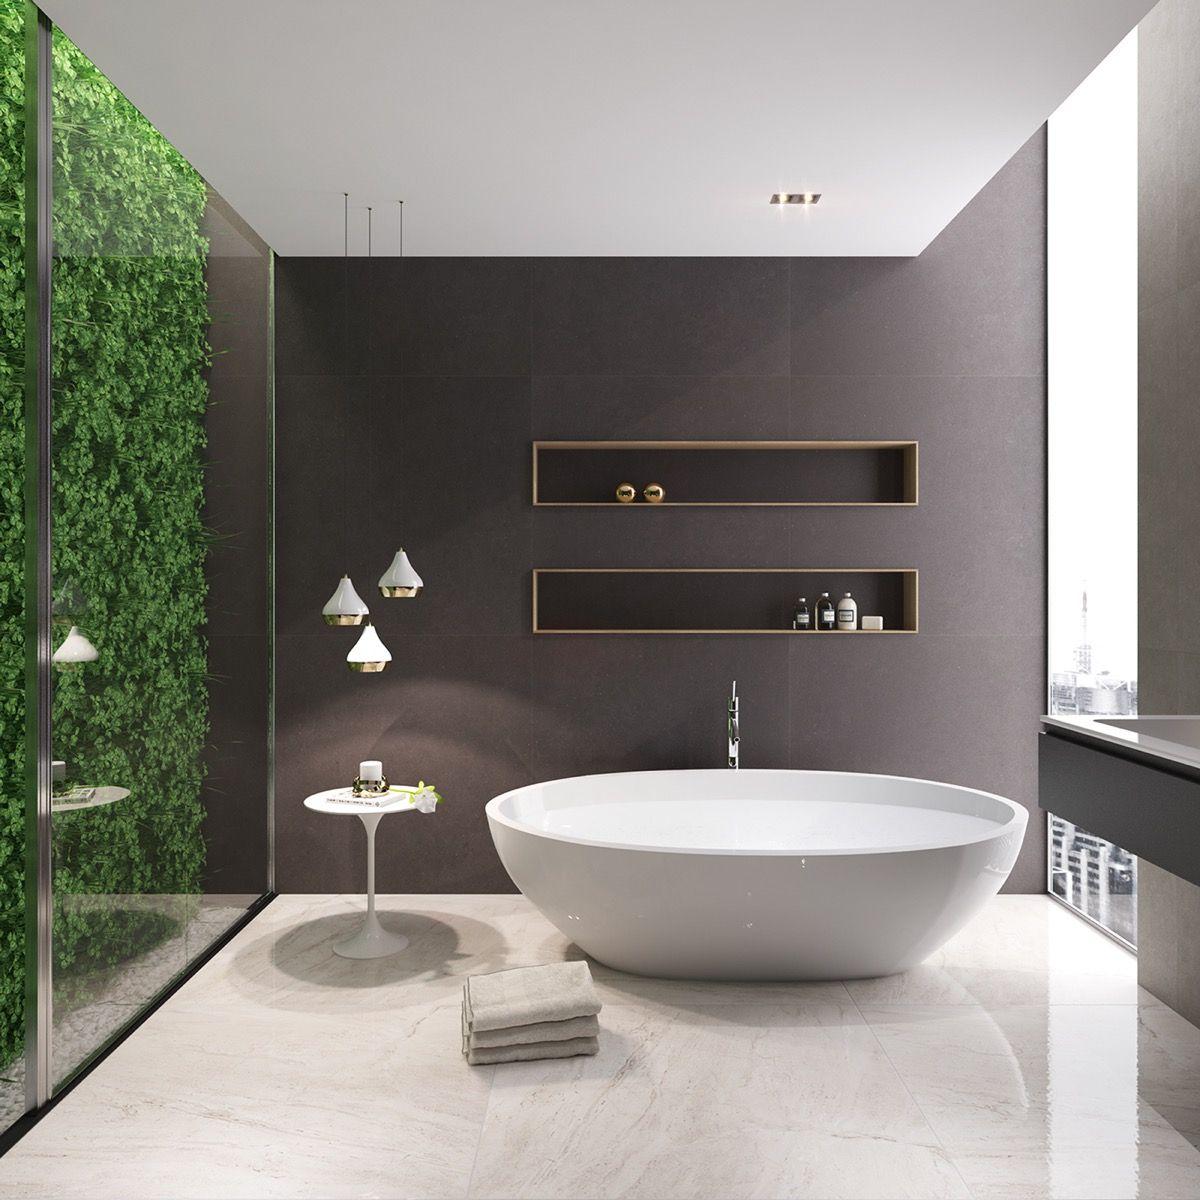 36 Bathtub Ideas With Luxurious Appeal Bathroom Design Small Modern Modern Bathroom Design Minimalist Baths